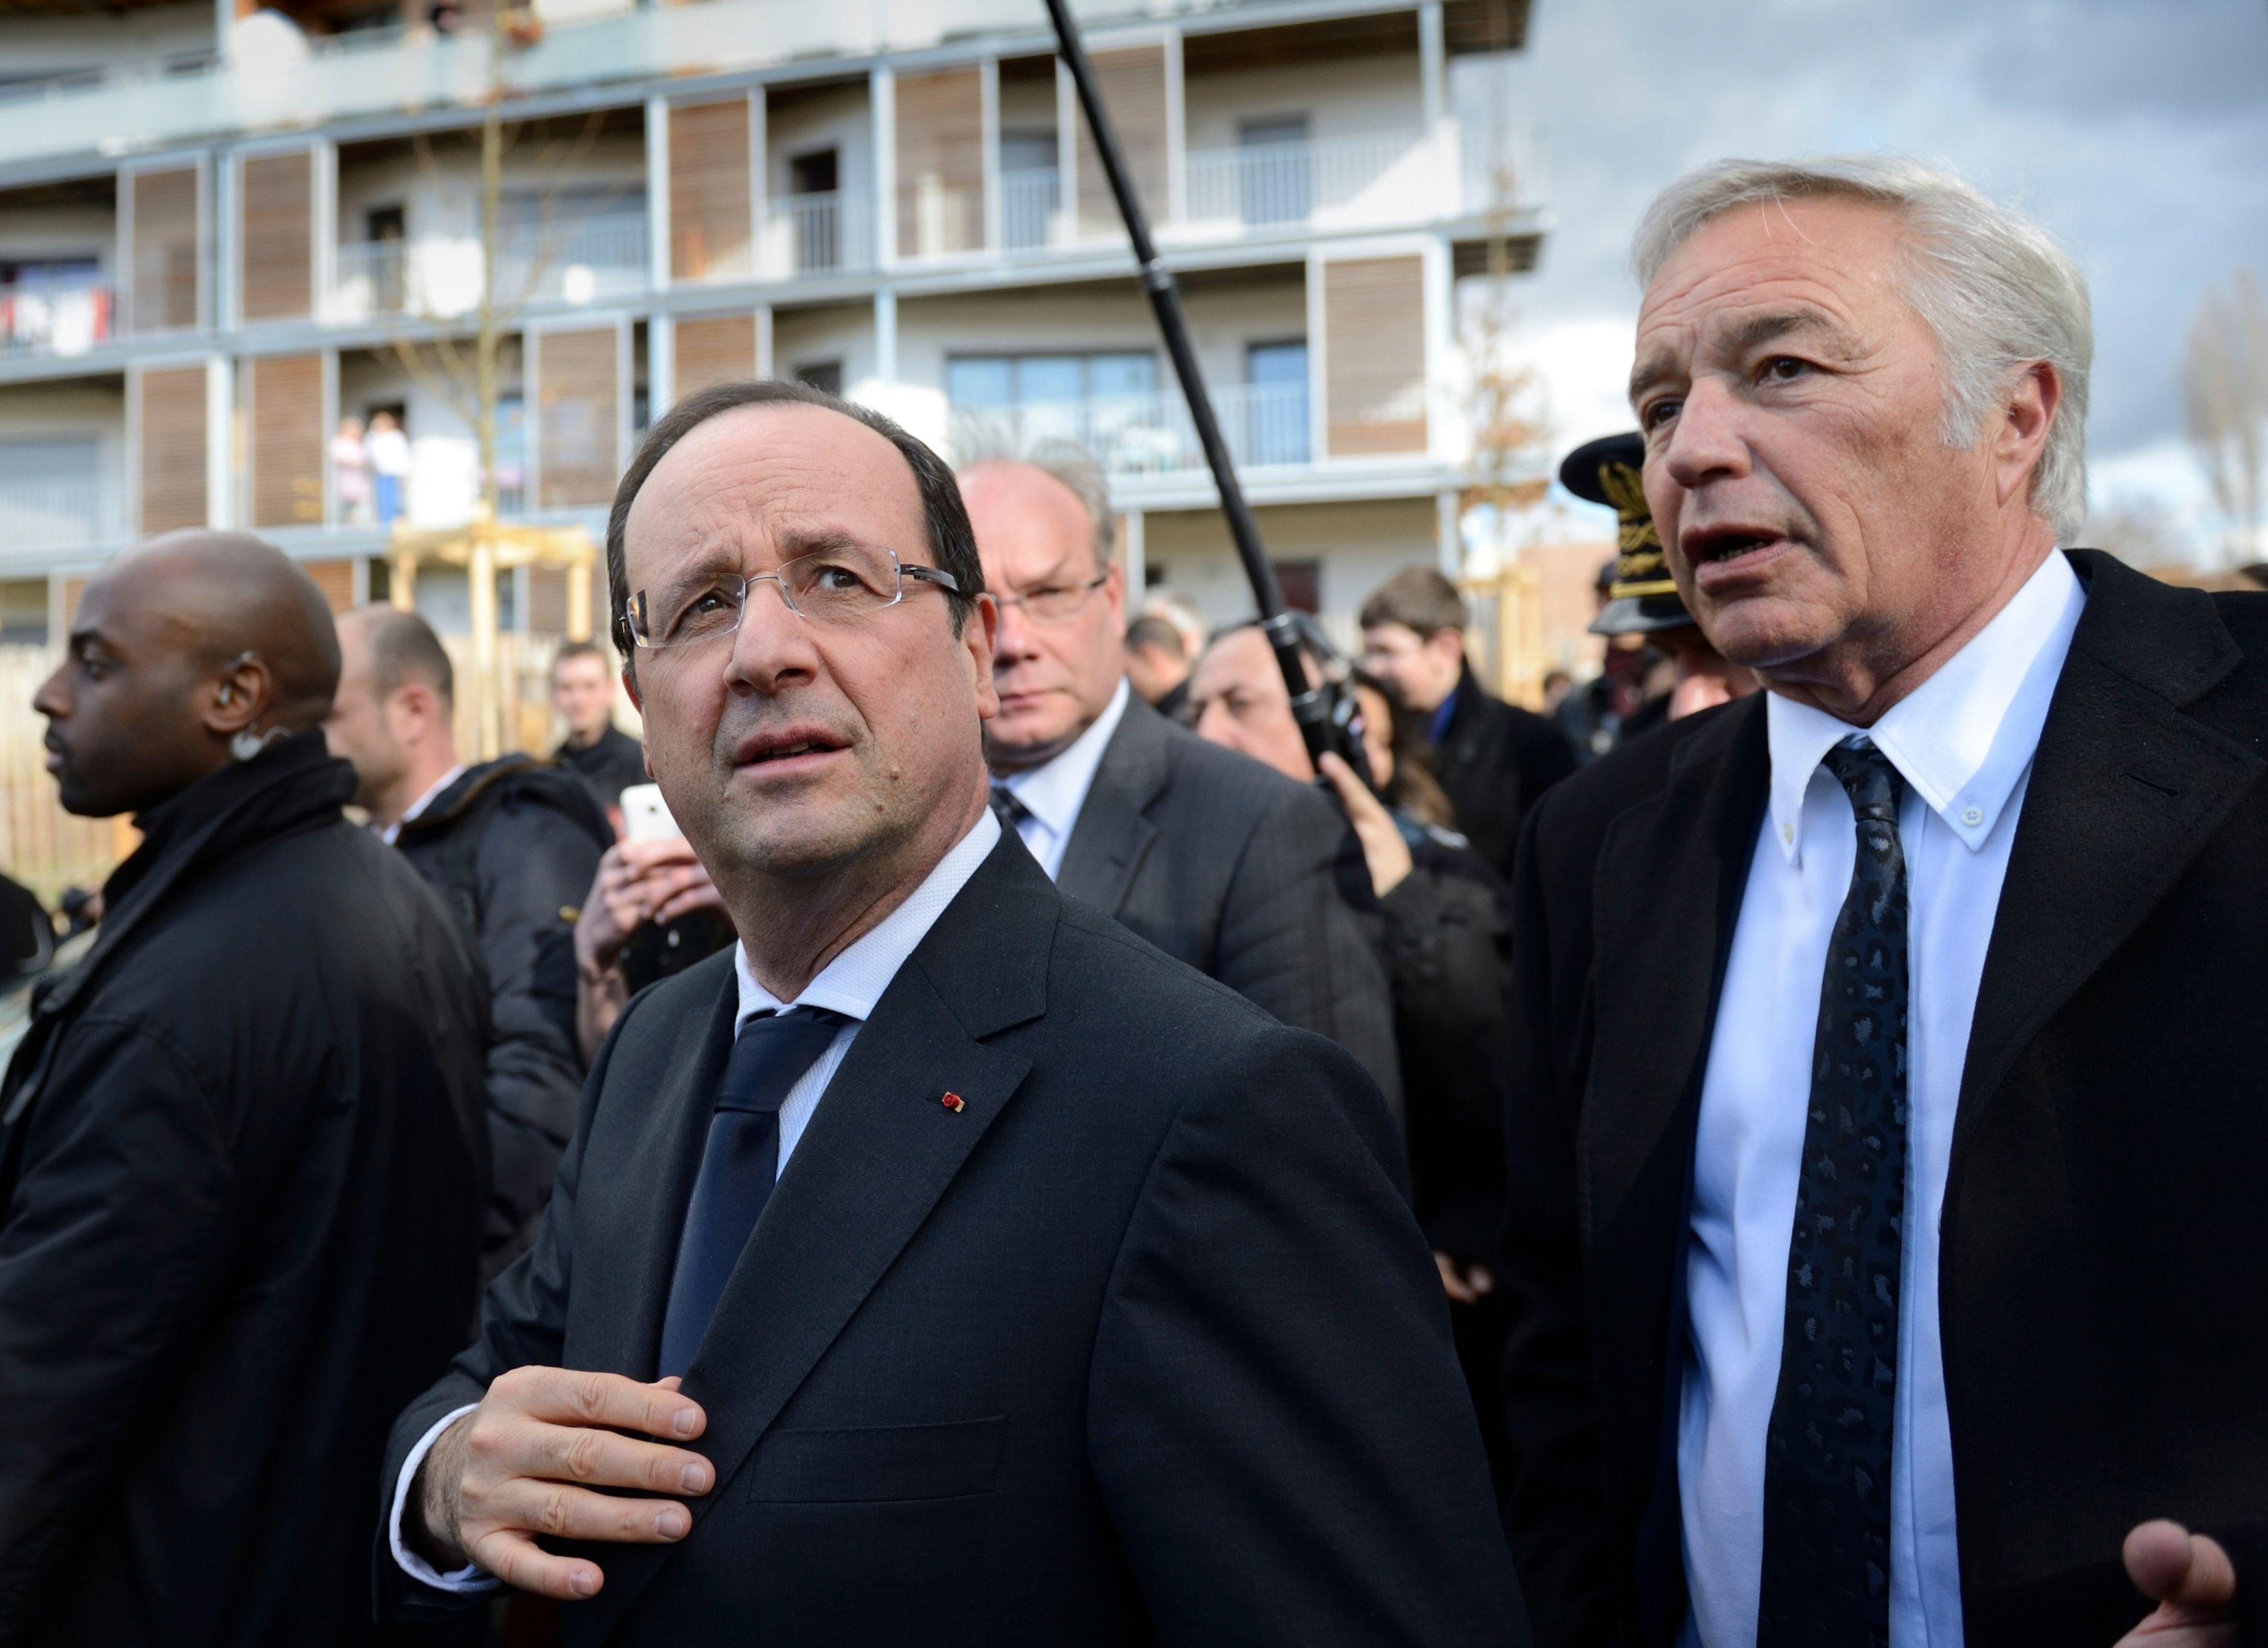 François Hollande, ici accompagné de François Rebsamen, visite Dijon lors d'un voyage de 2 jours